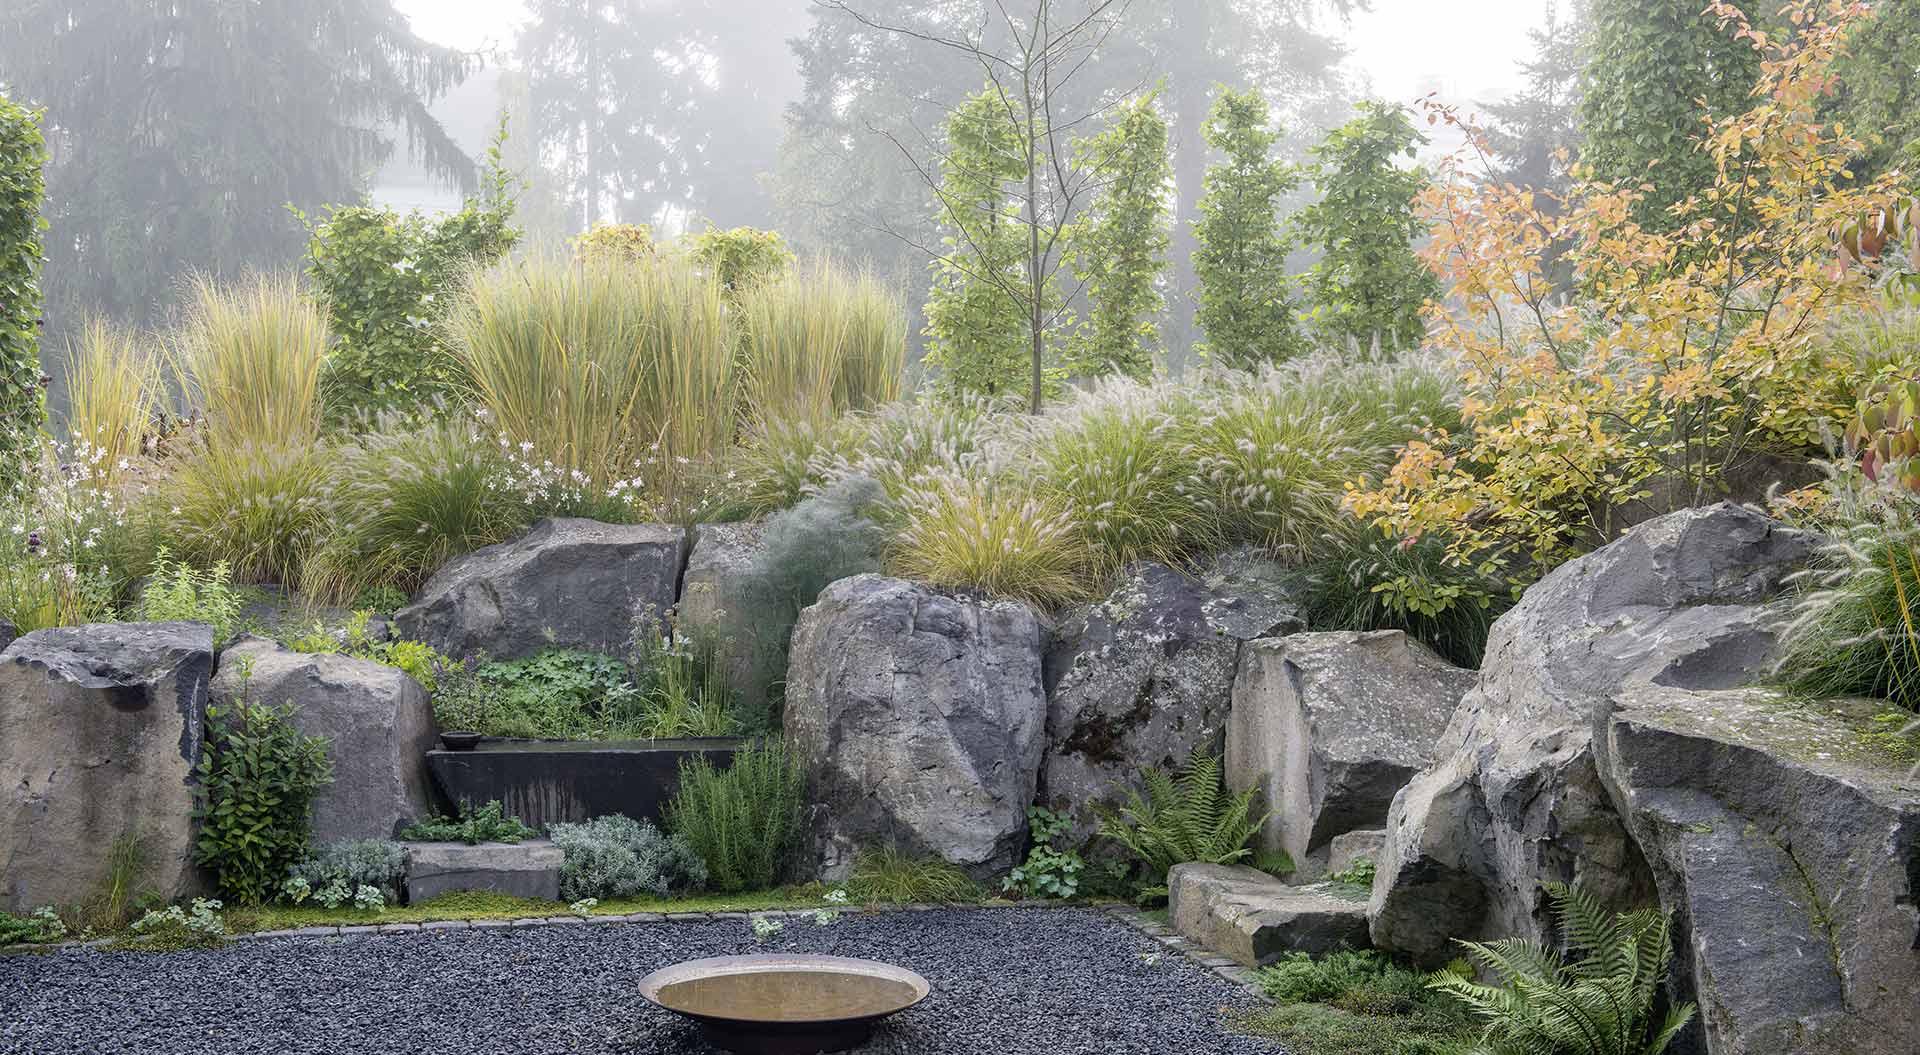 Garten-Lichtung vor Steinen und angrenzendem Wald